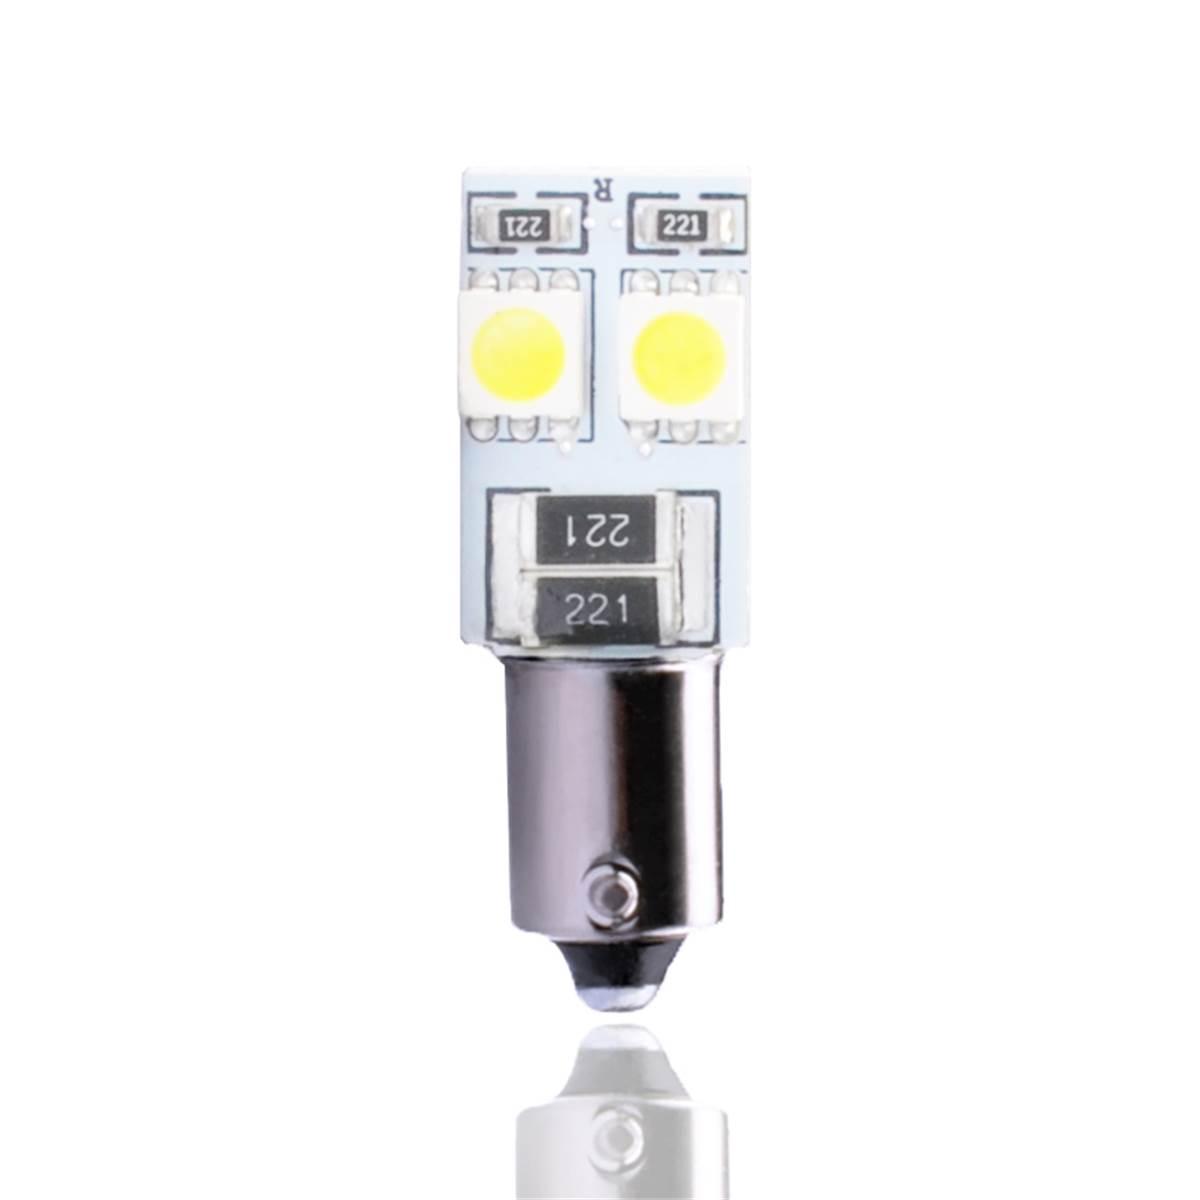 2 ampoules BA9S avec 4 LED blanche